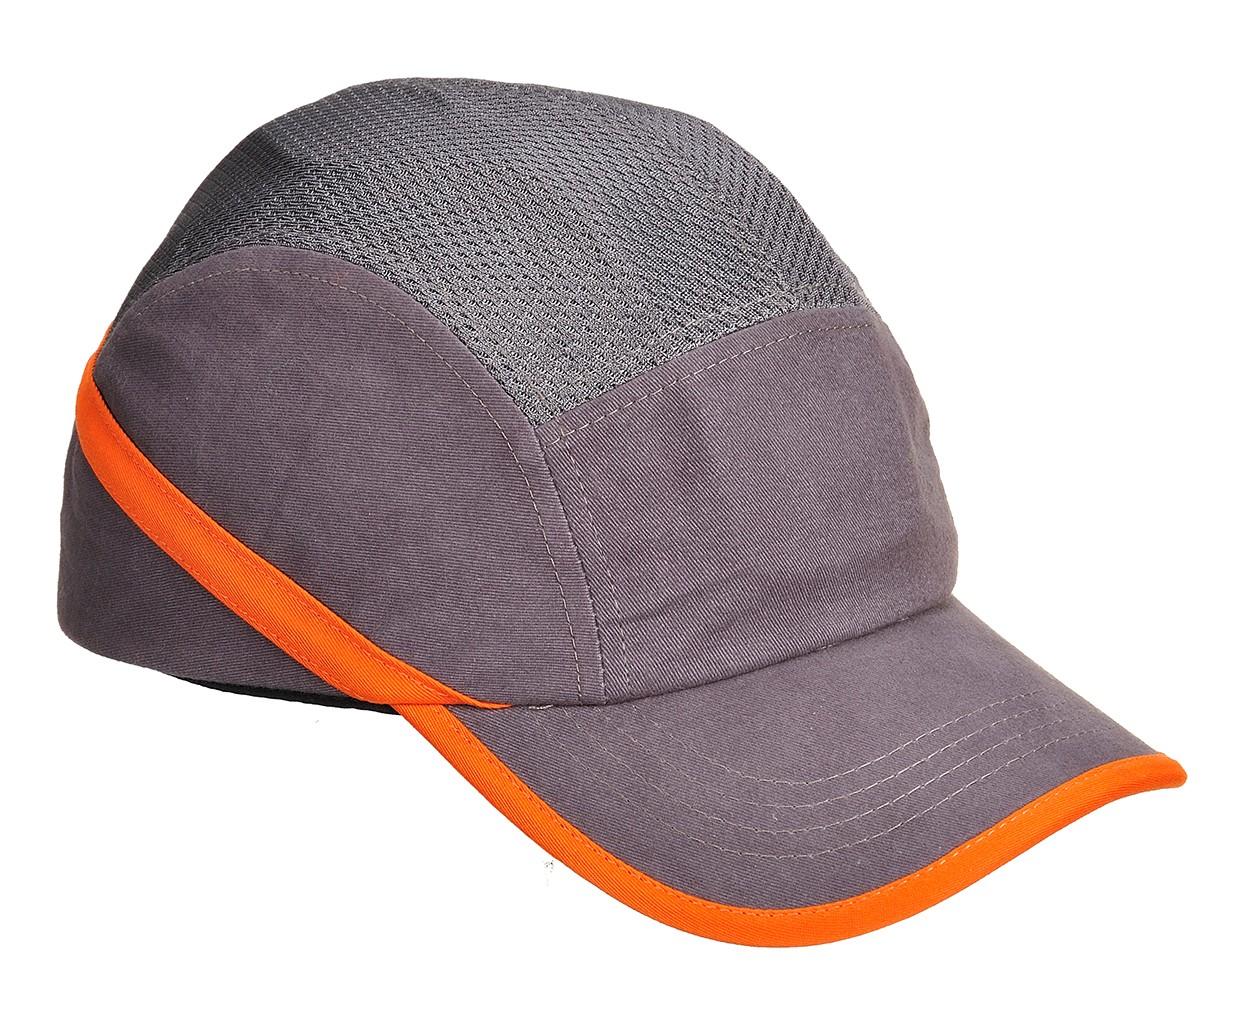 PW69/U VENT COOL BUMP CAP GREY